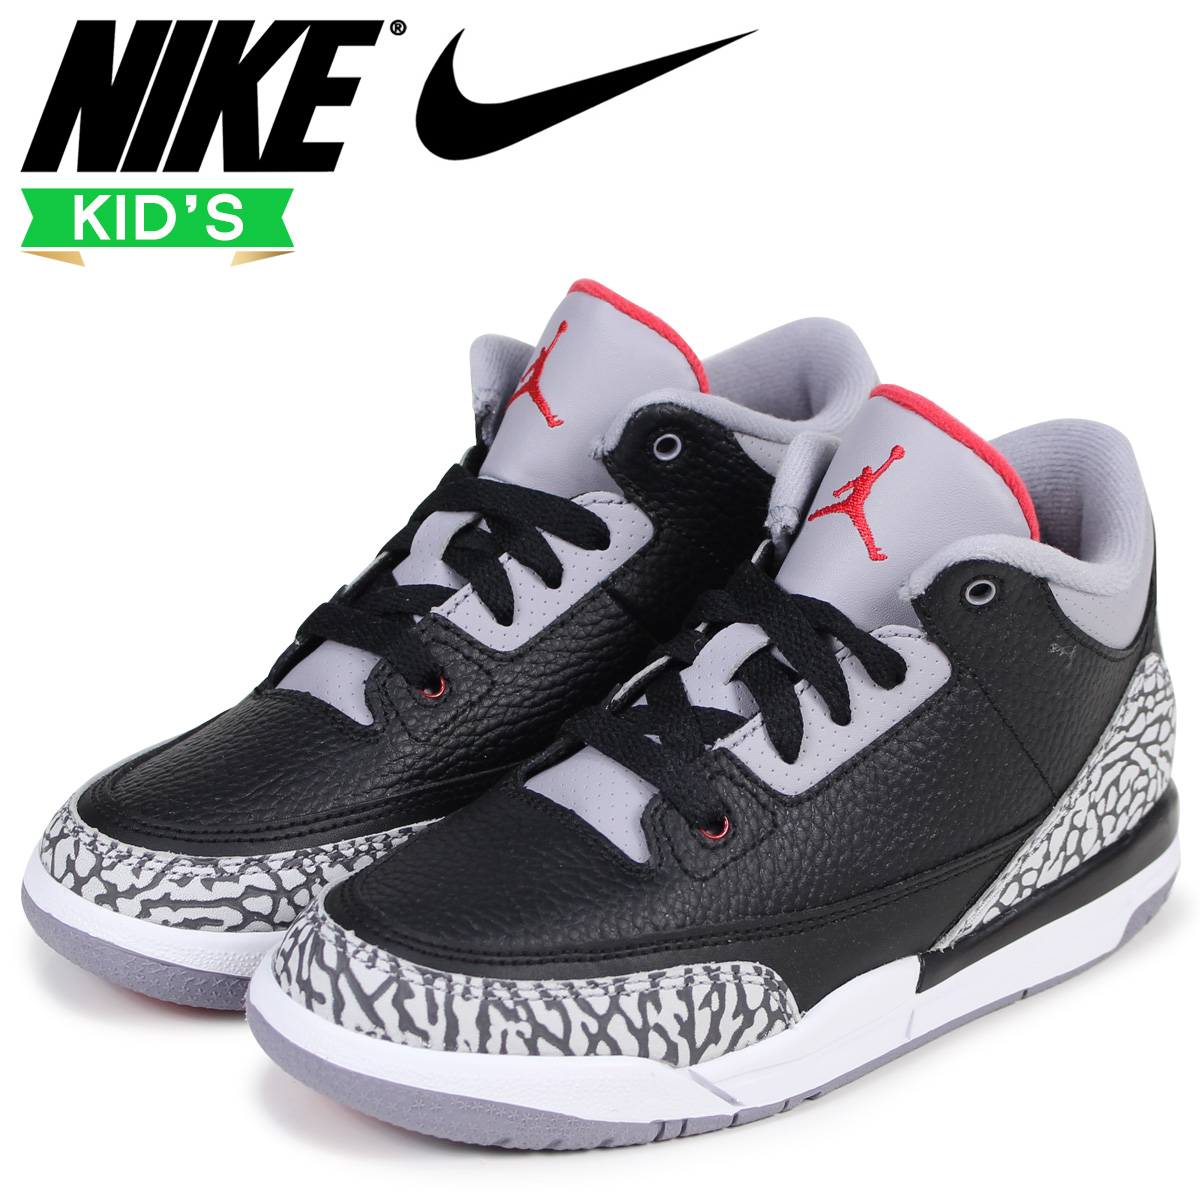 a687c843ee1a NIKE Nike Air Jordan 3 nostalgic kids sneakers AIR JORDAN 3 RETRO BP  429